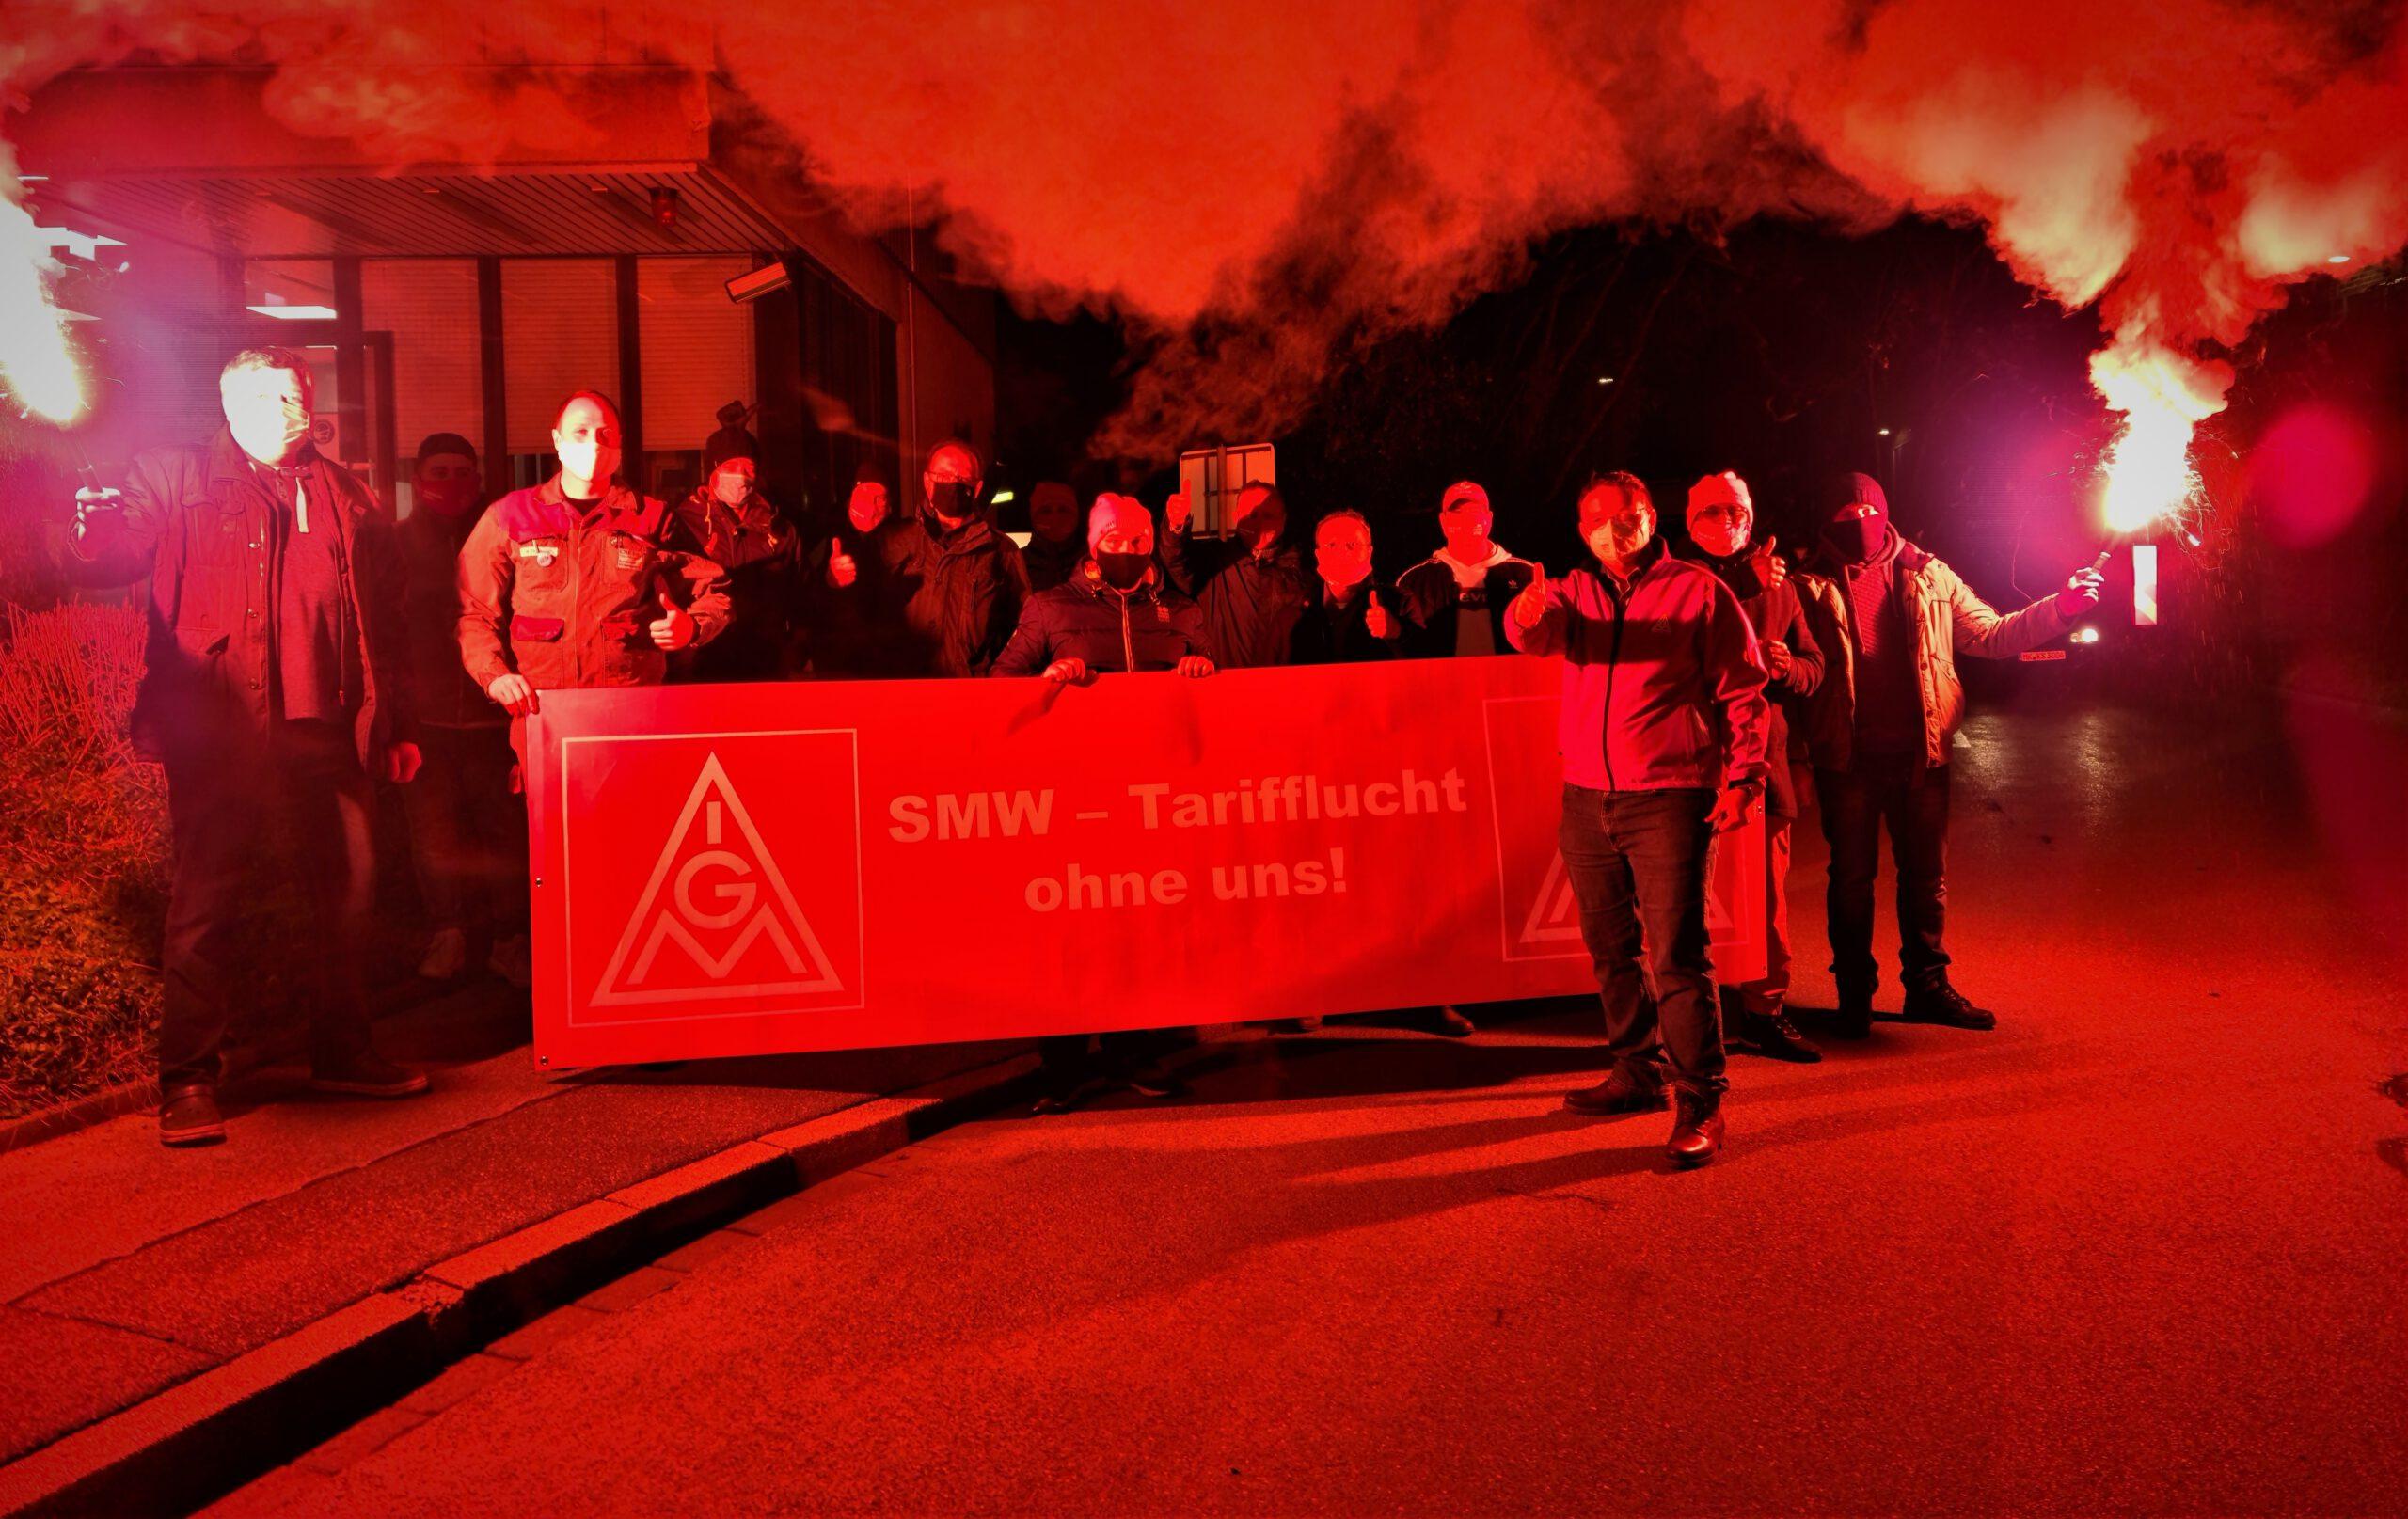 Geben sich kämpferisch, um zur Tarifbindung zurückzukehren: die Beschäftigten des Sundwiger Messingwerks am Montagfrüh (8. März). Foto: IGM